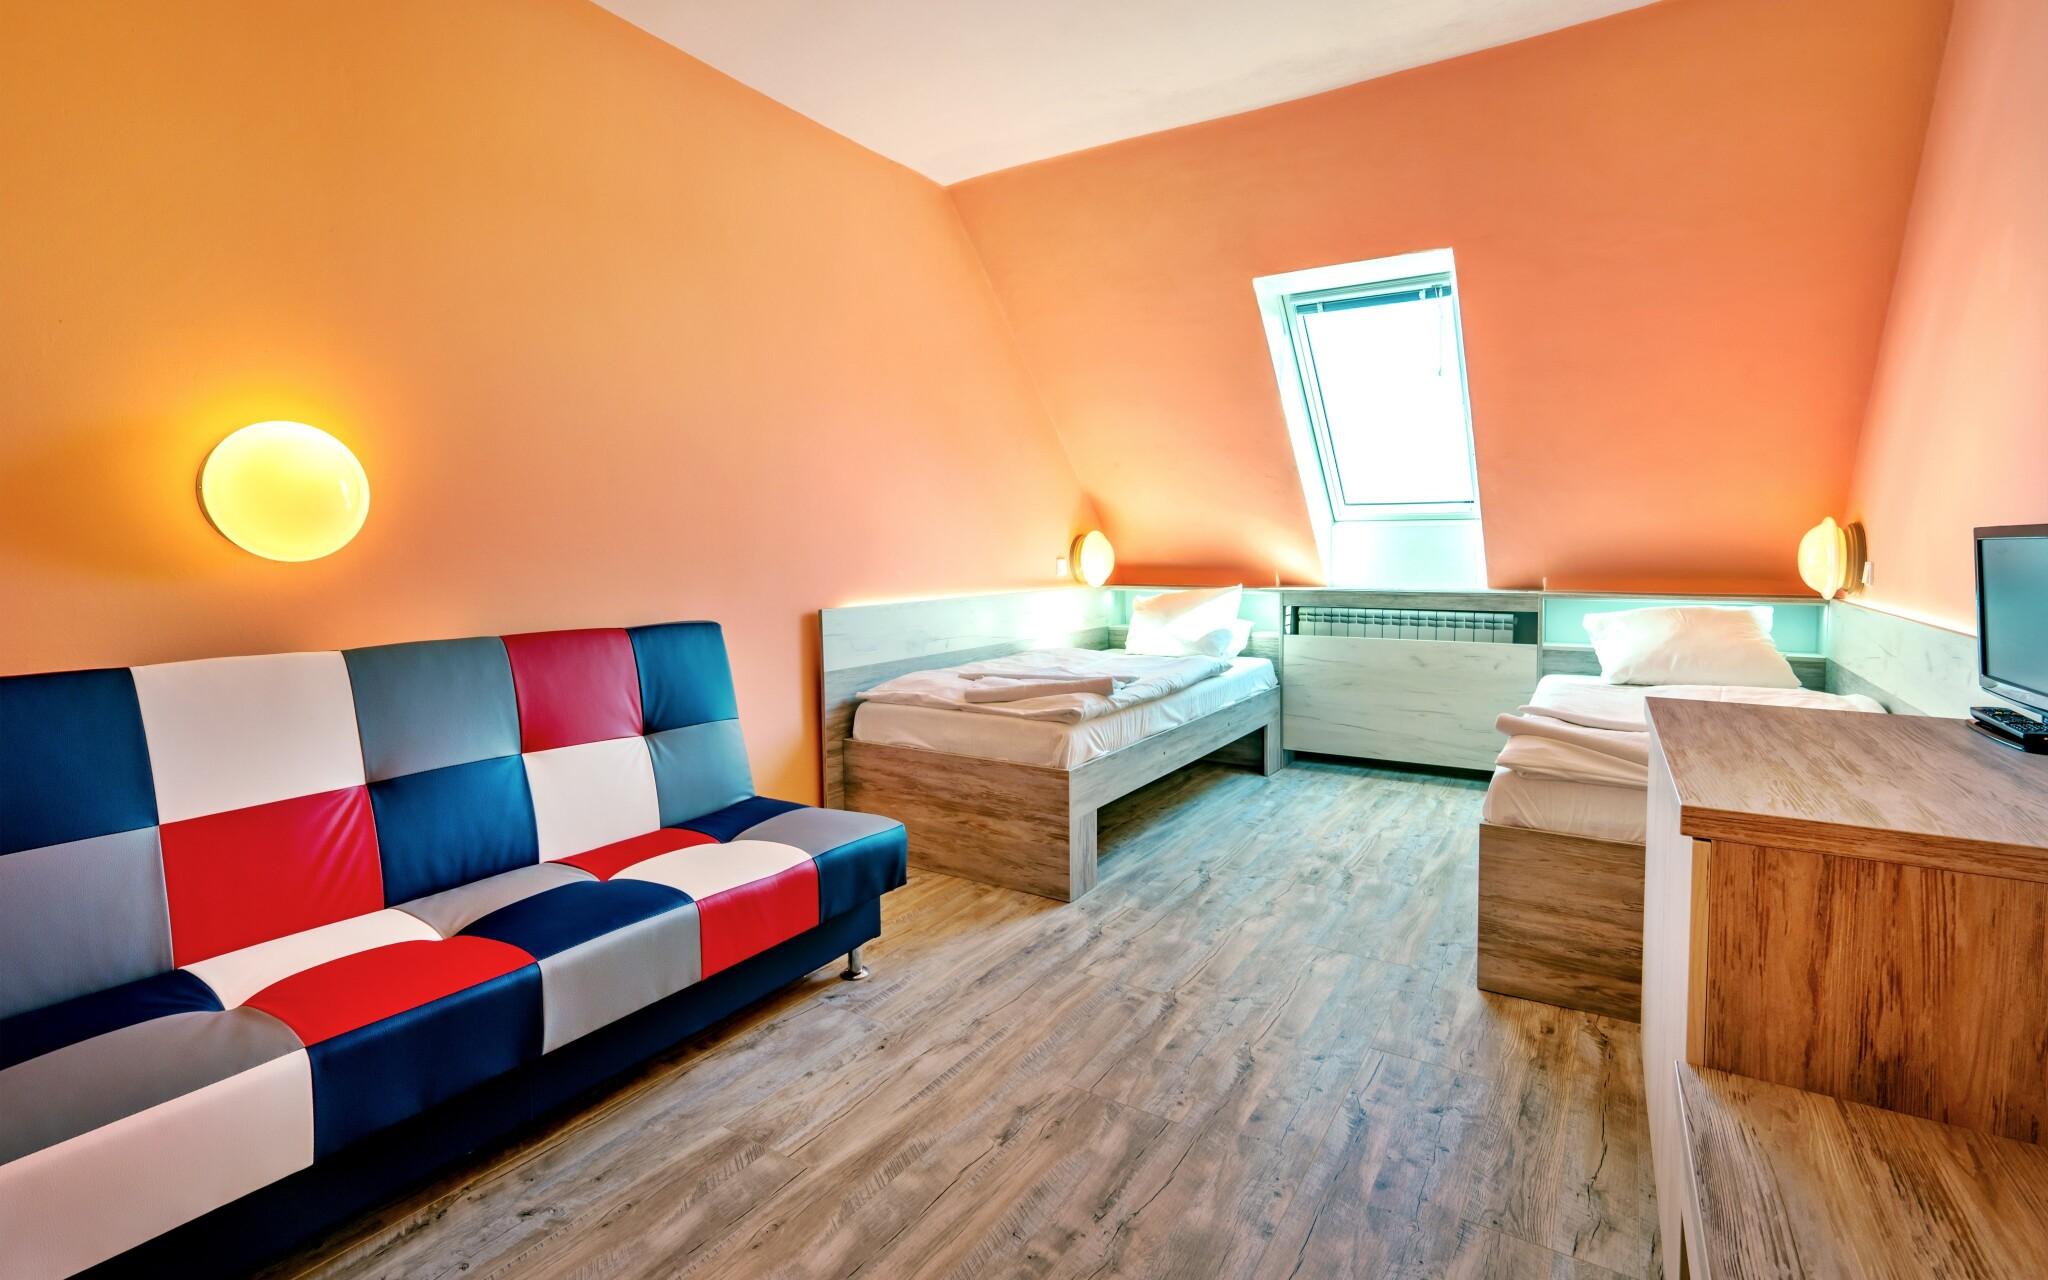 Pokoje jsou pohodlně zařízené, Hotel N, Znojmo